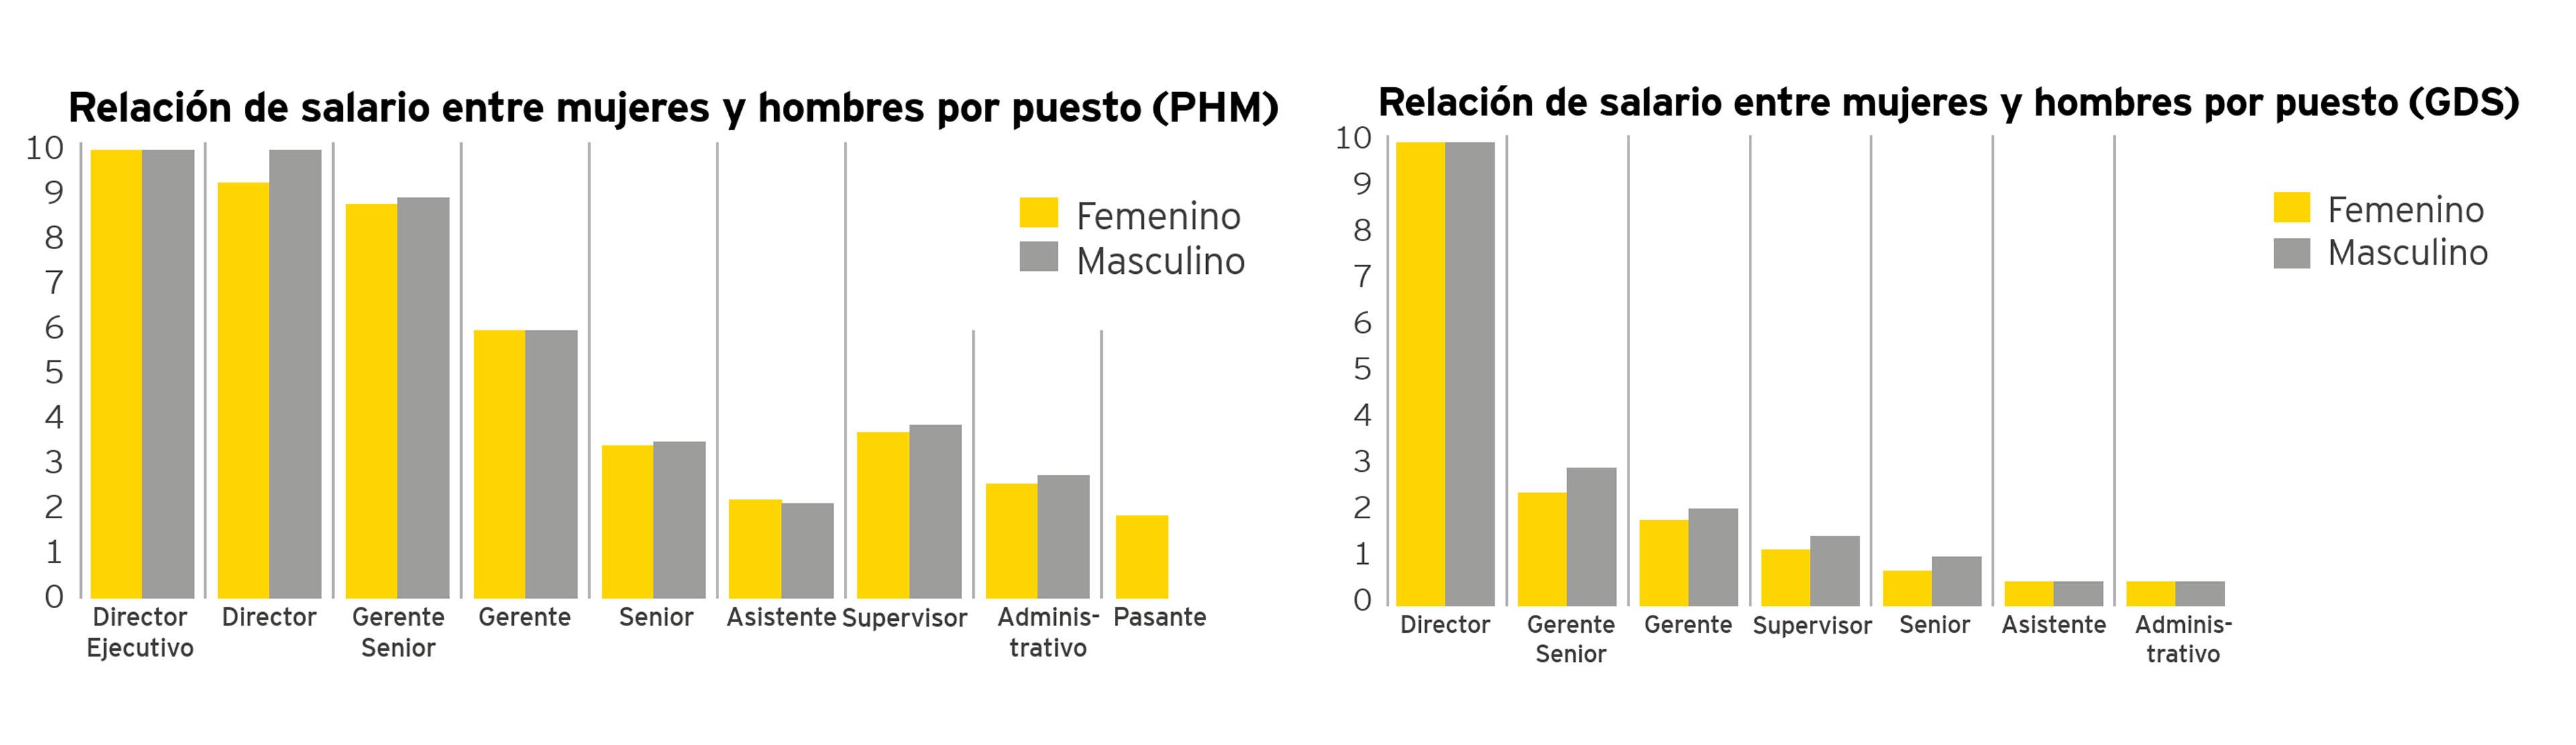 Relación de salario entre mujeres y hombres por puesto